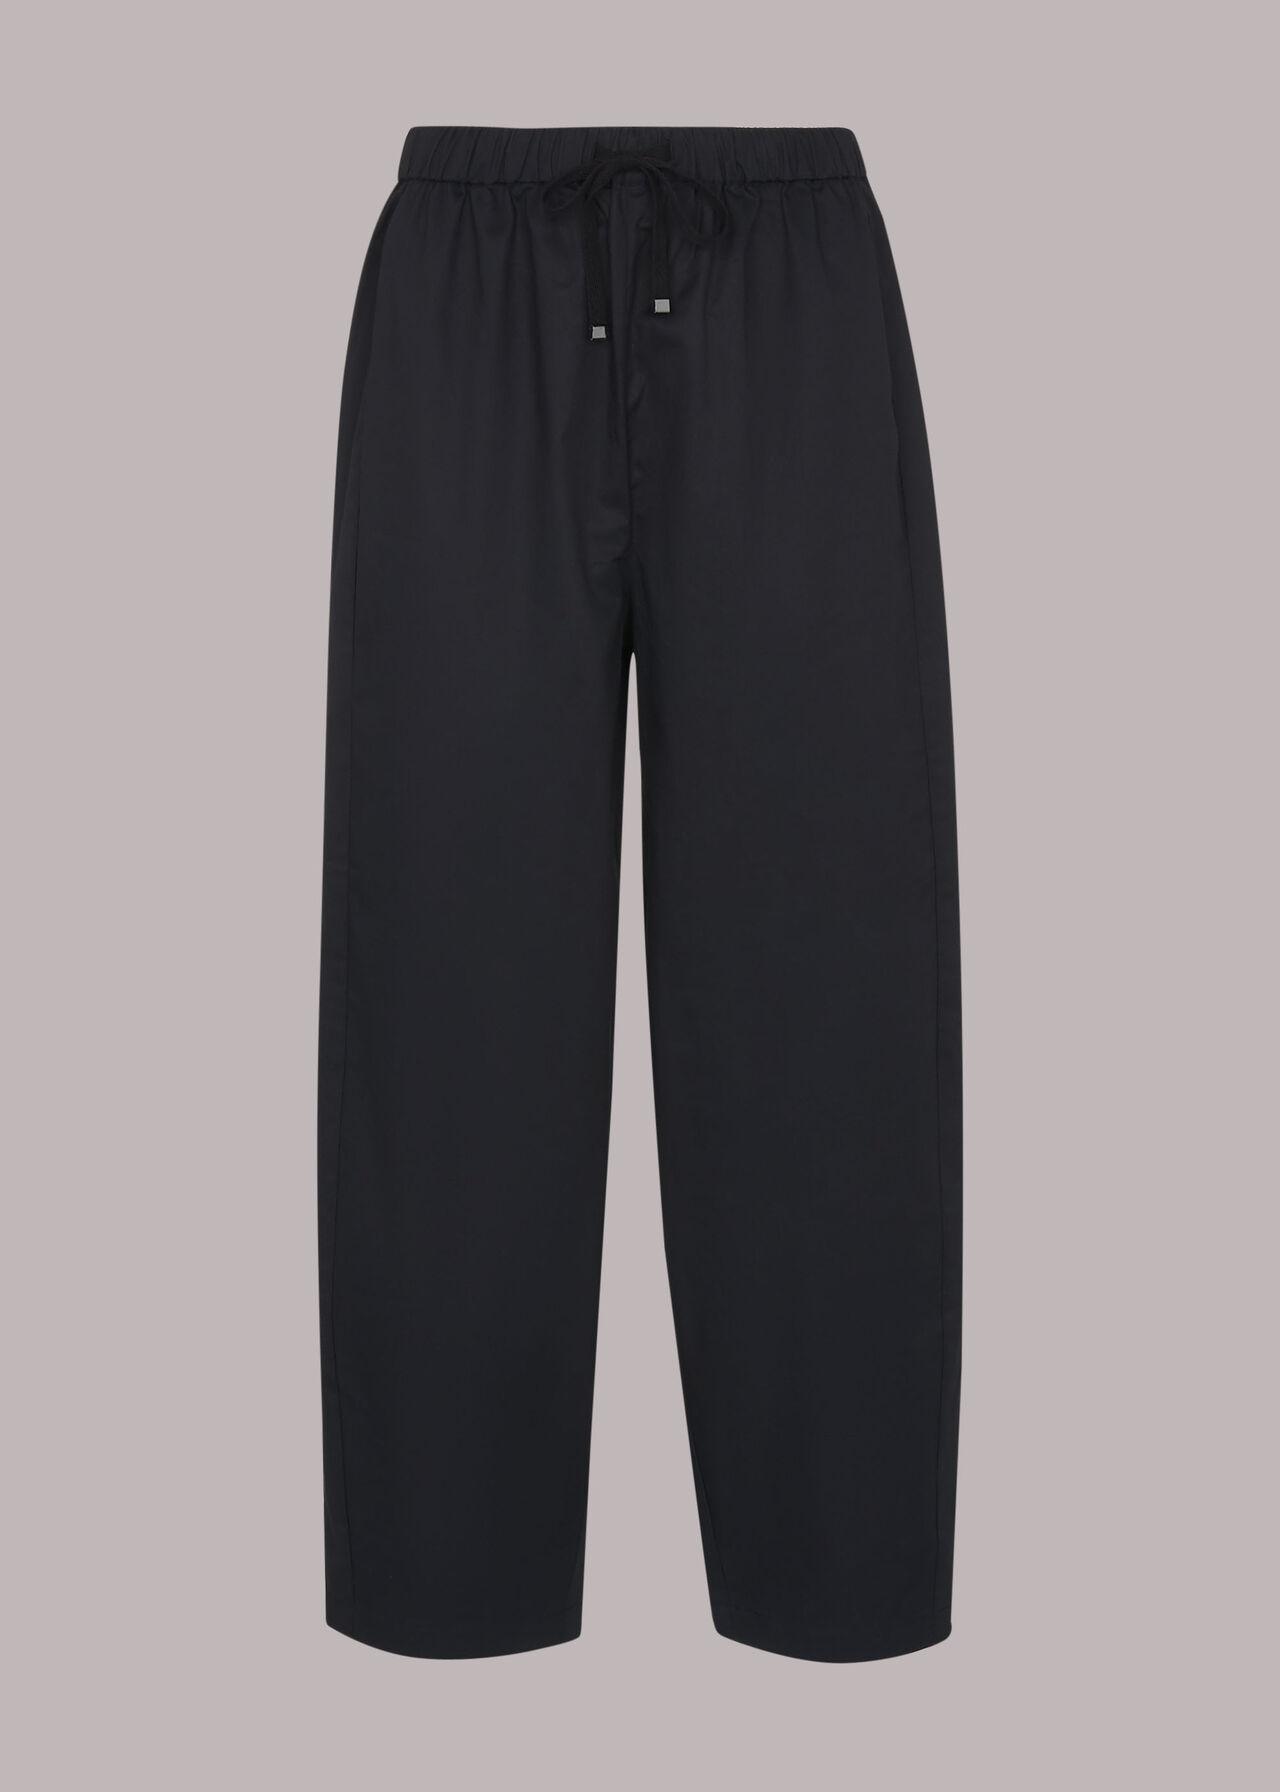 Poplin Barrel Leg Trouser